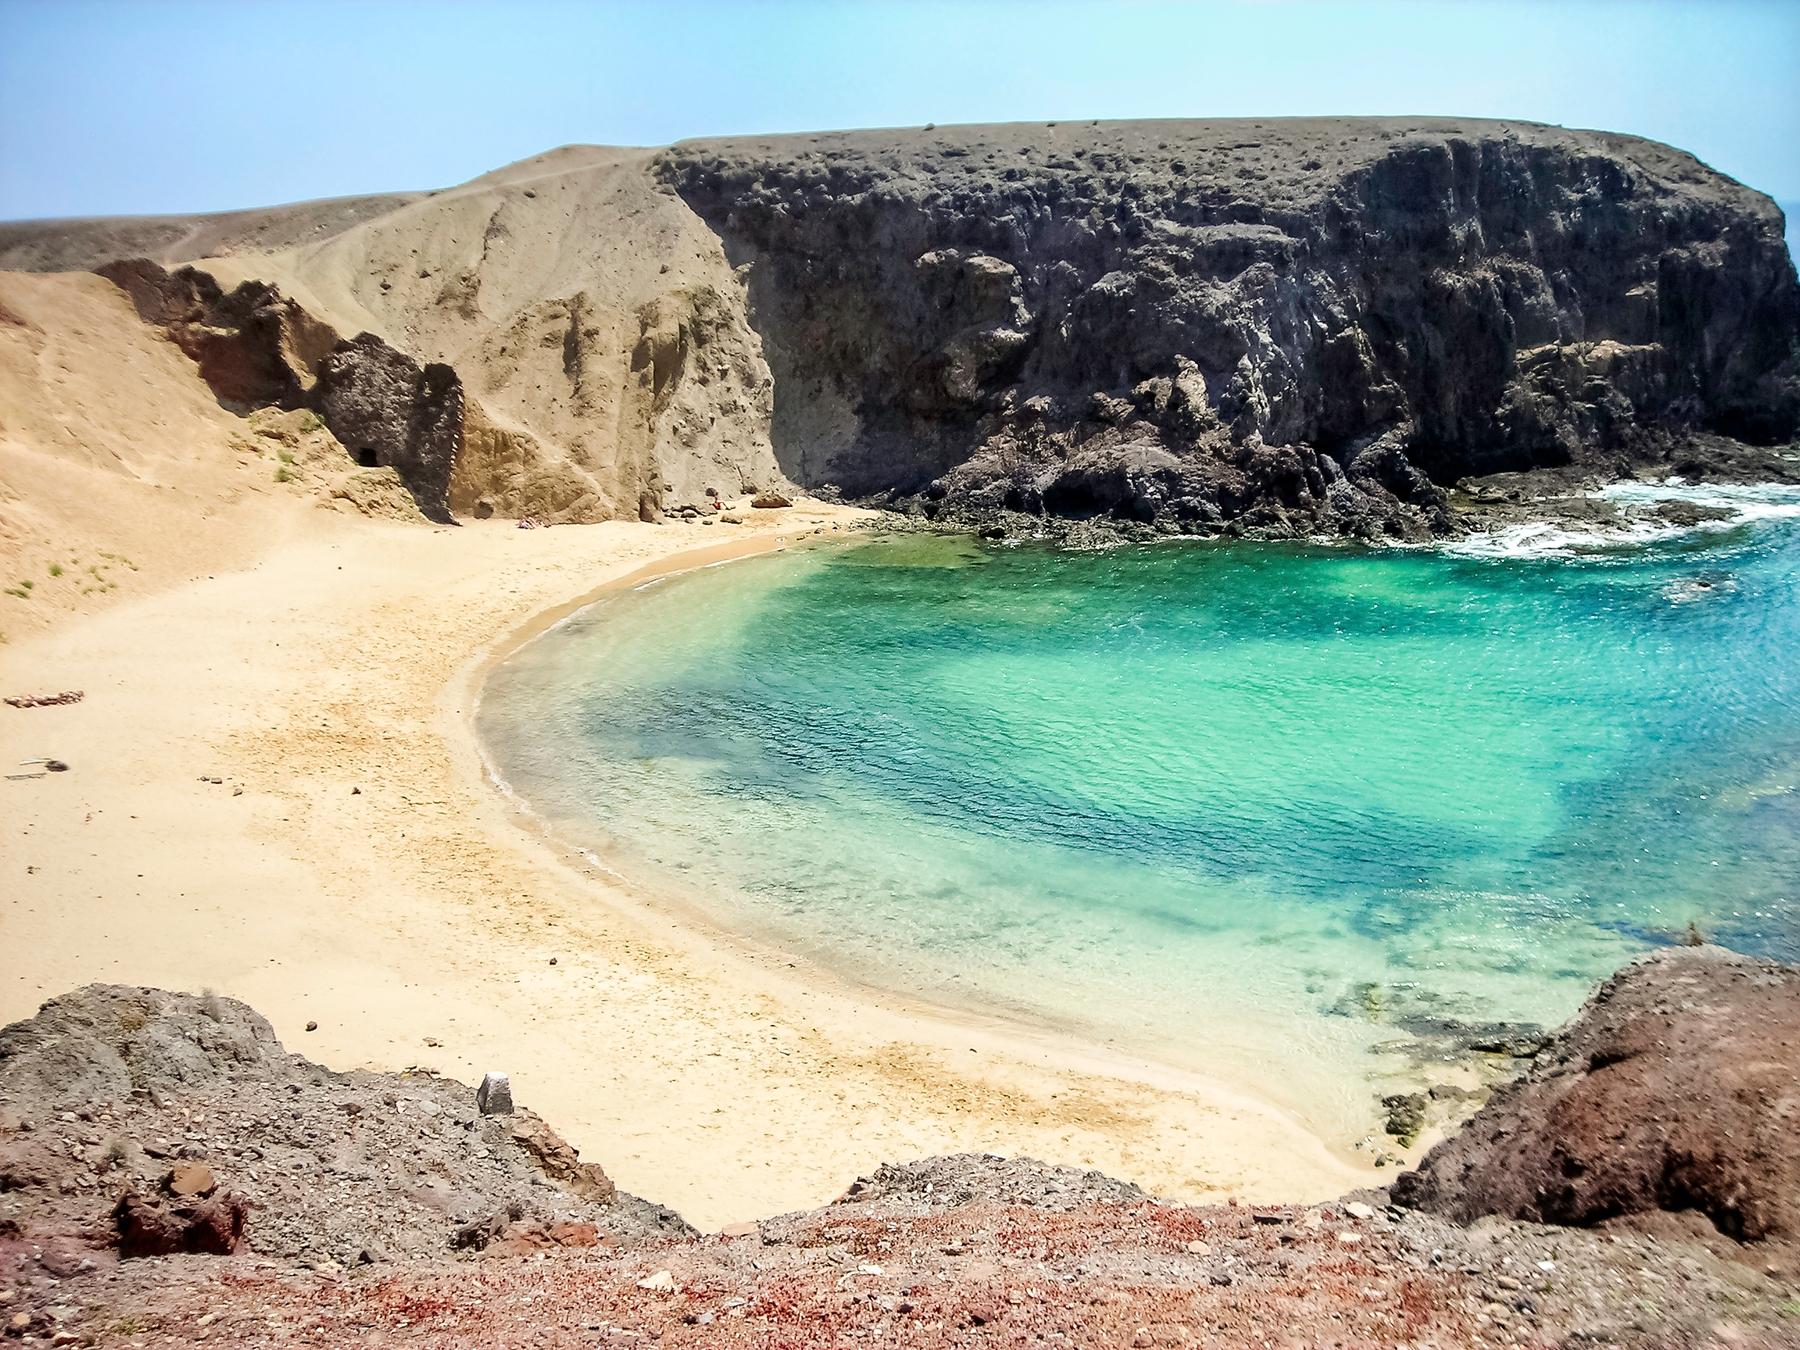 Spiagge di Tenerife: Playa de la Tejita Tenerife